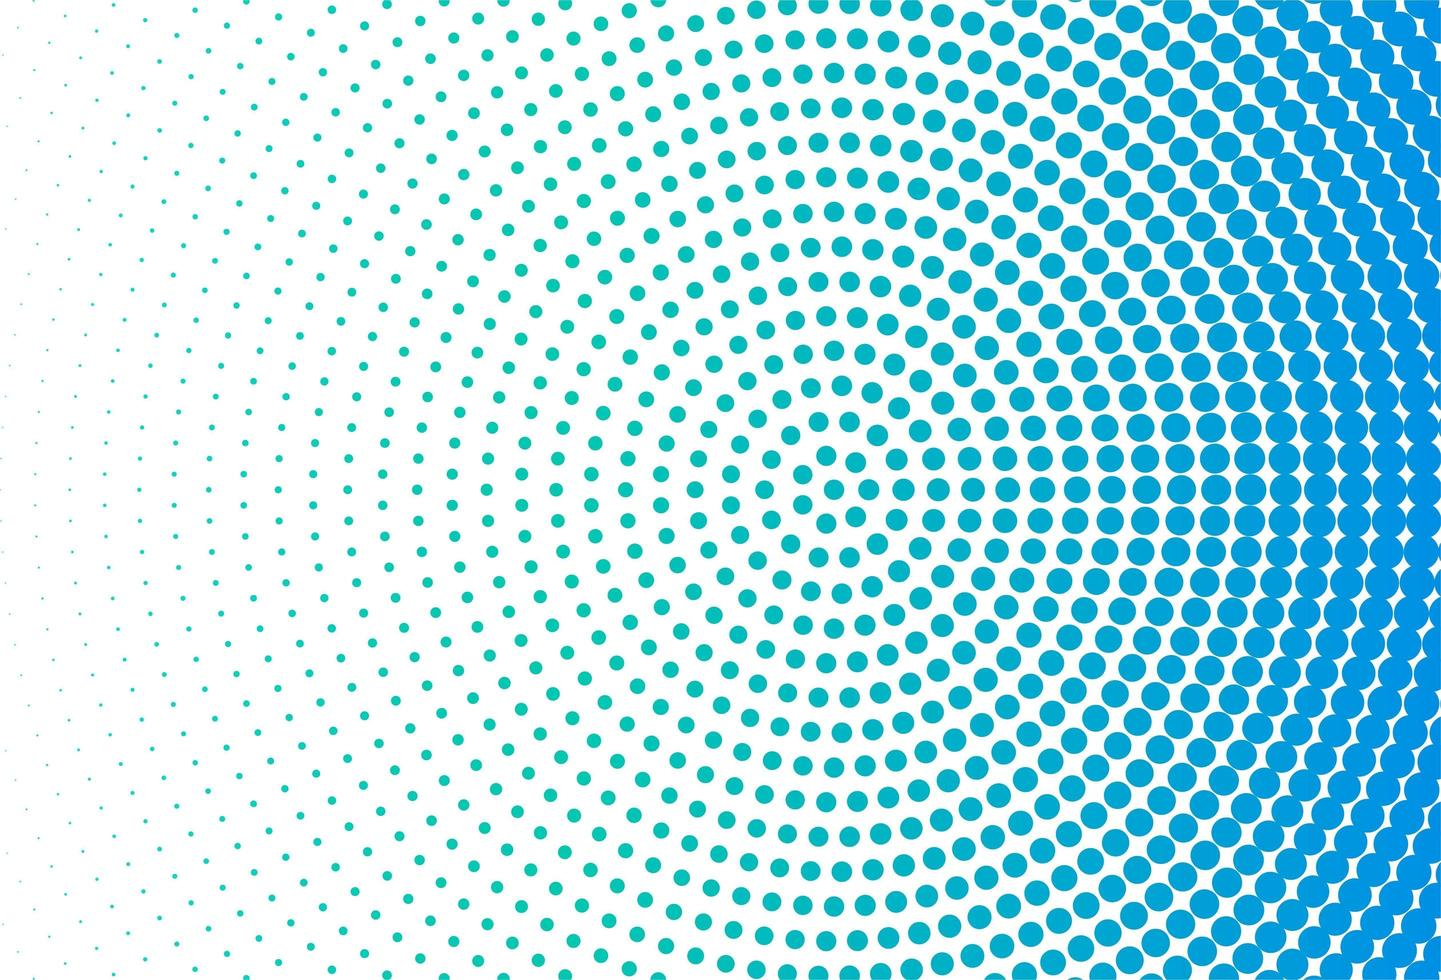 moderner blauer Punktkreishintergrund vektor